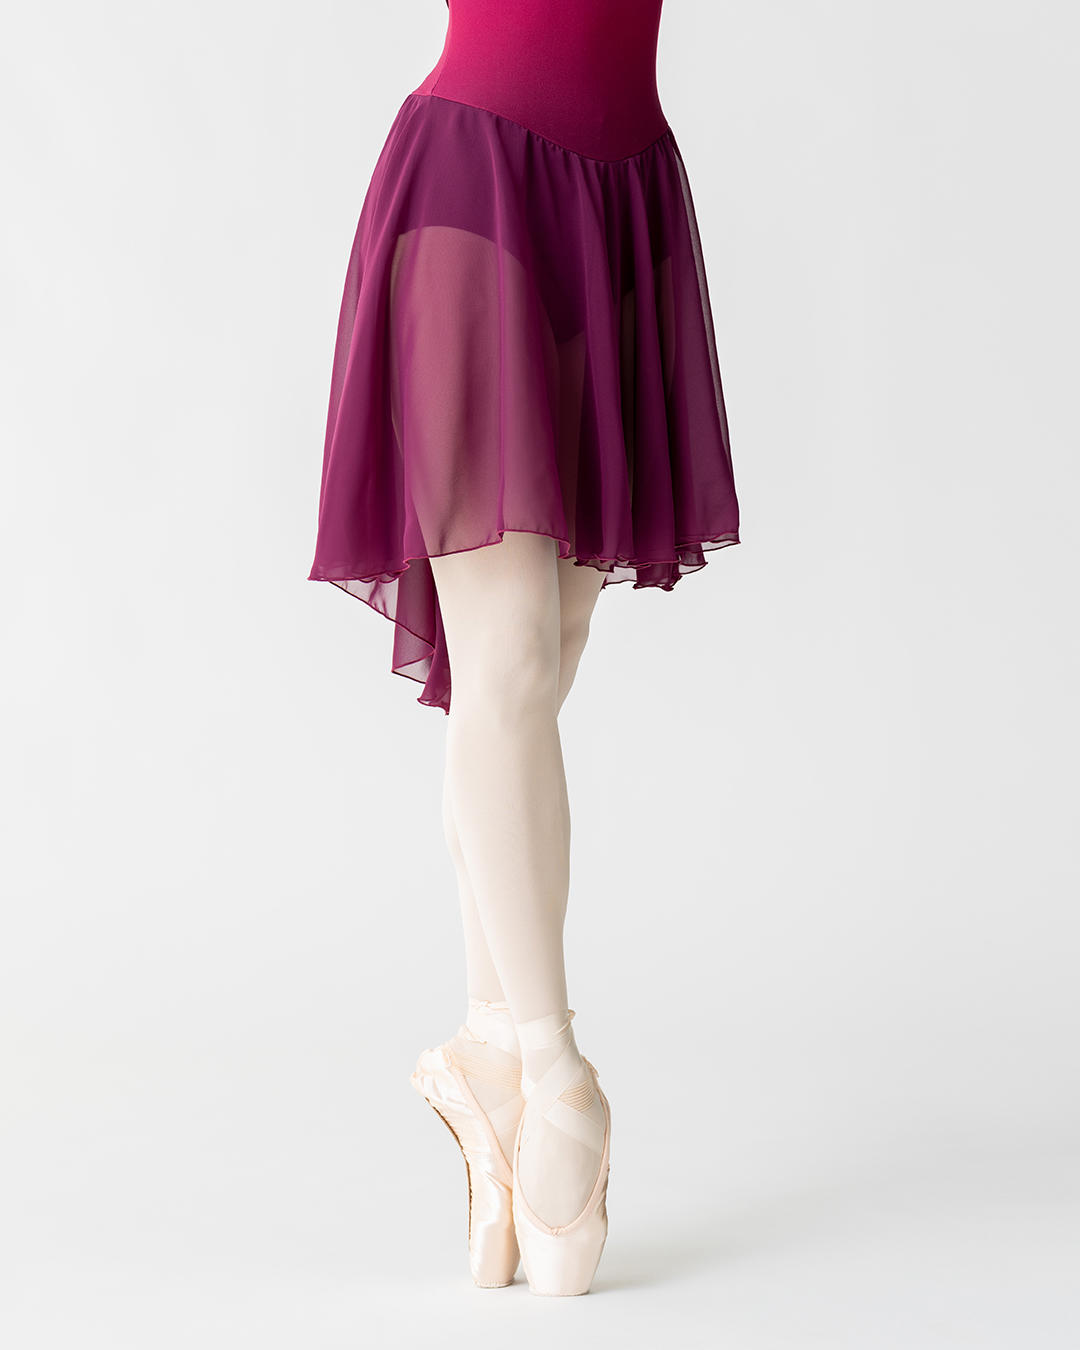 0909_ballet_new_6.jpg